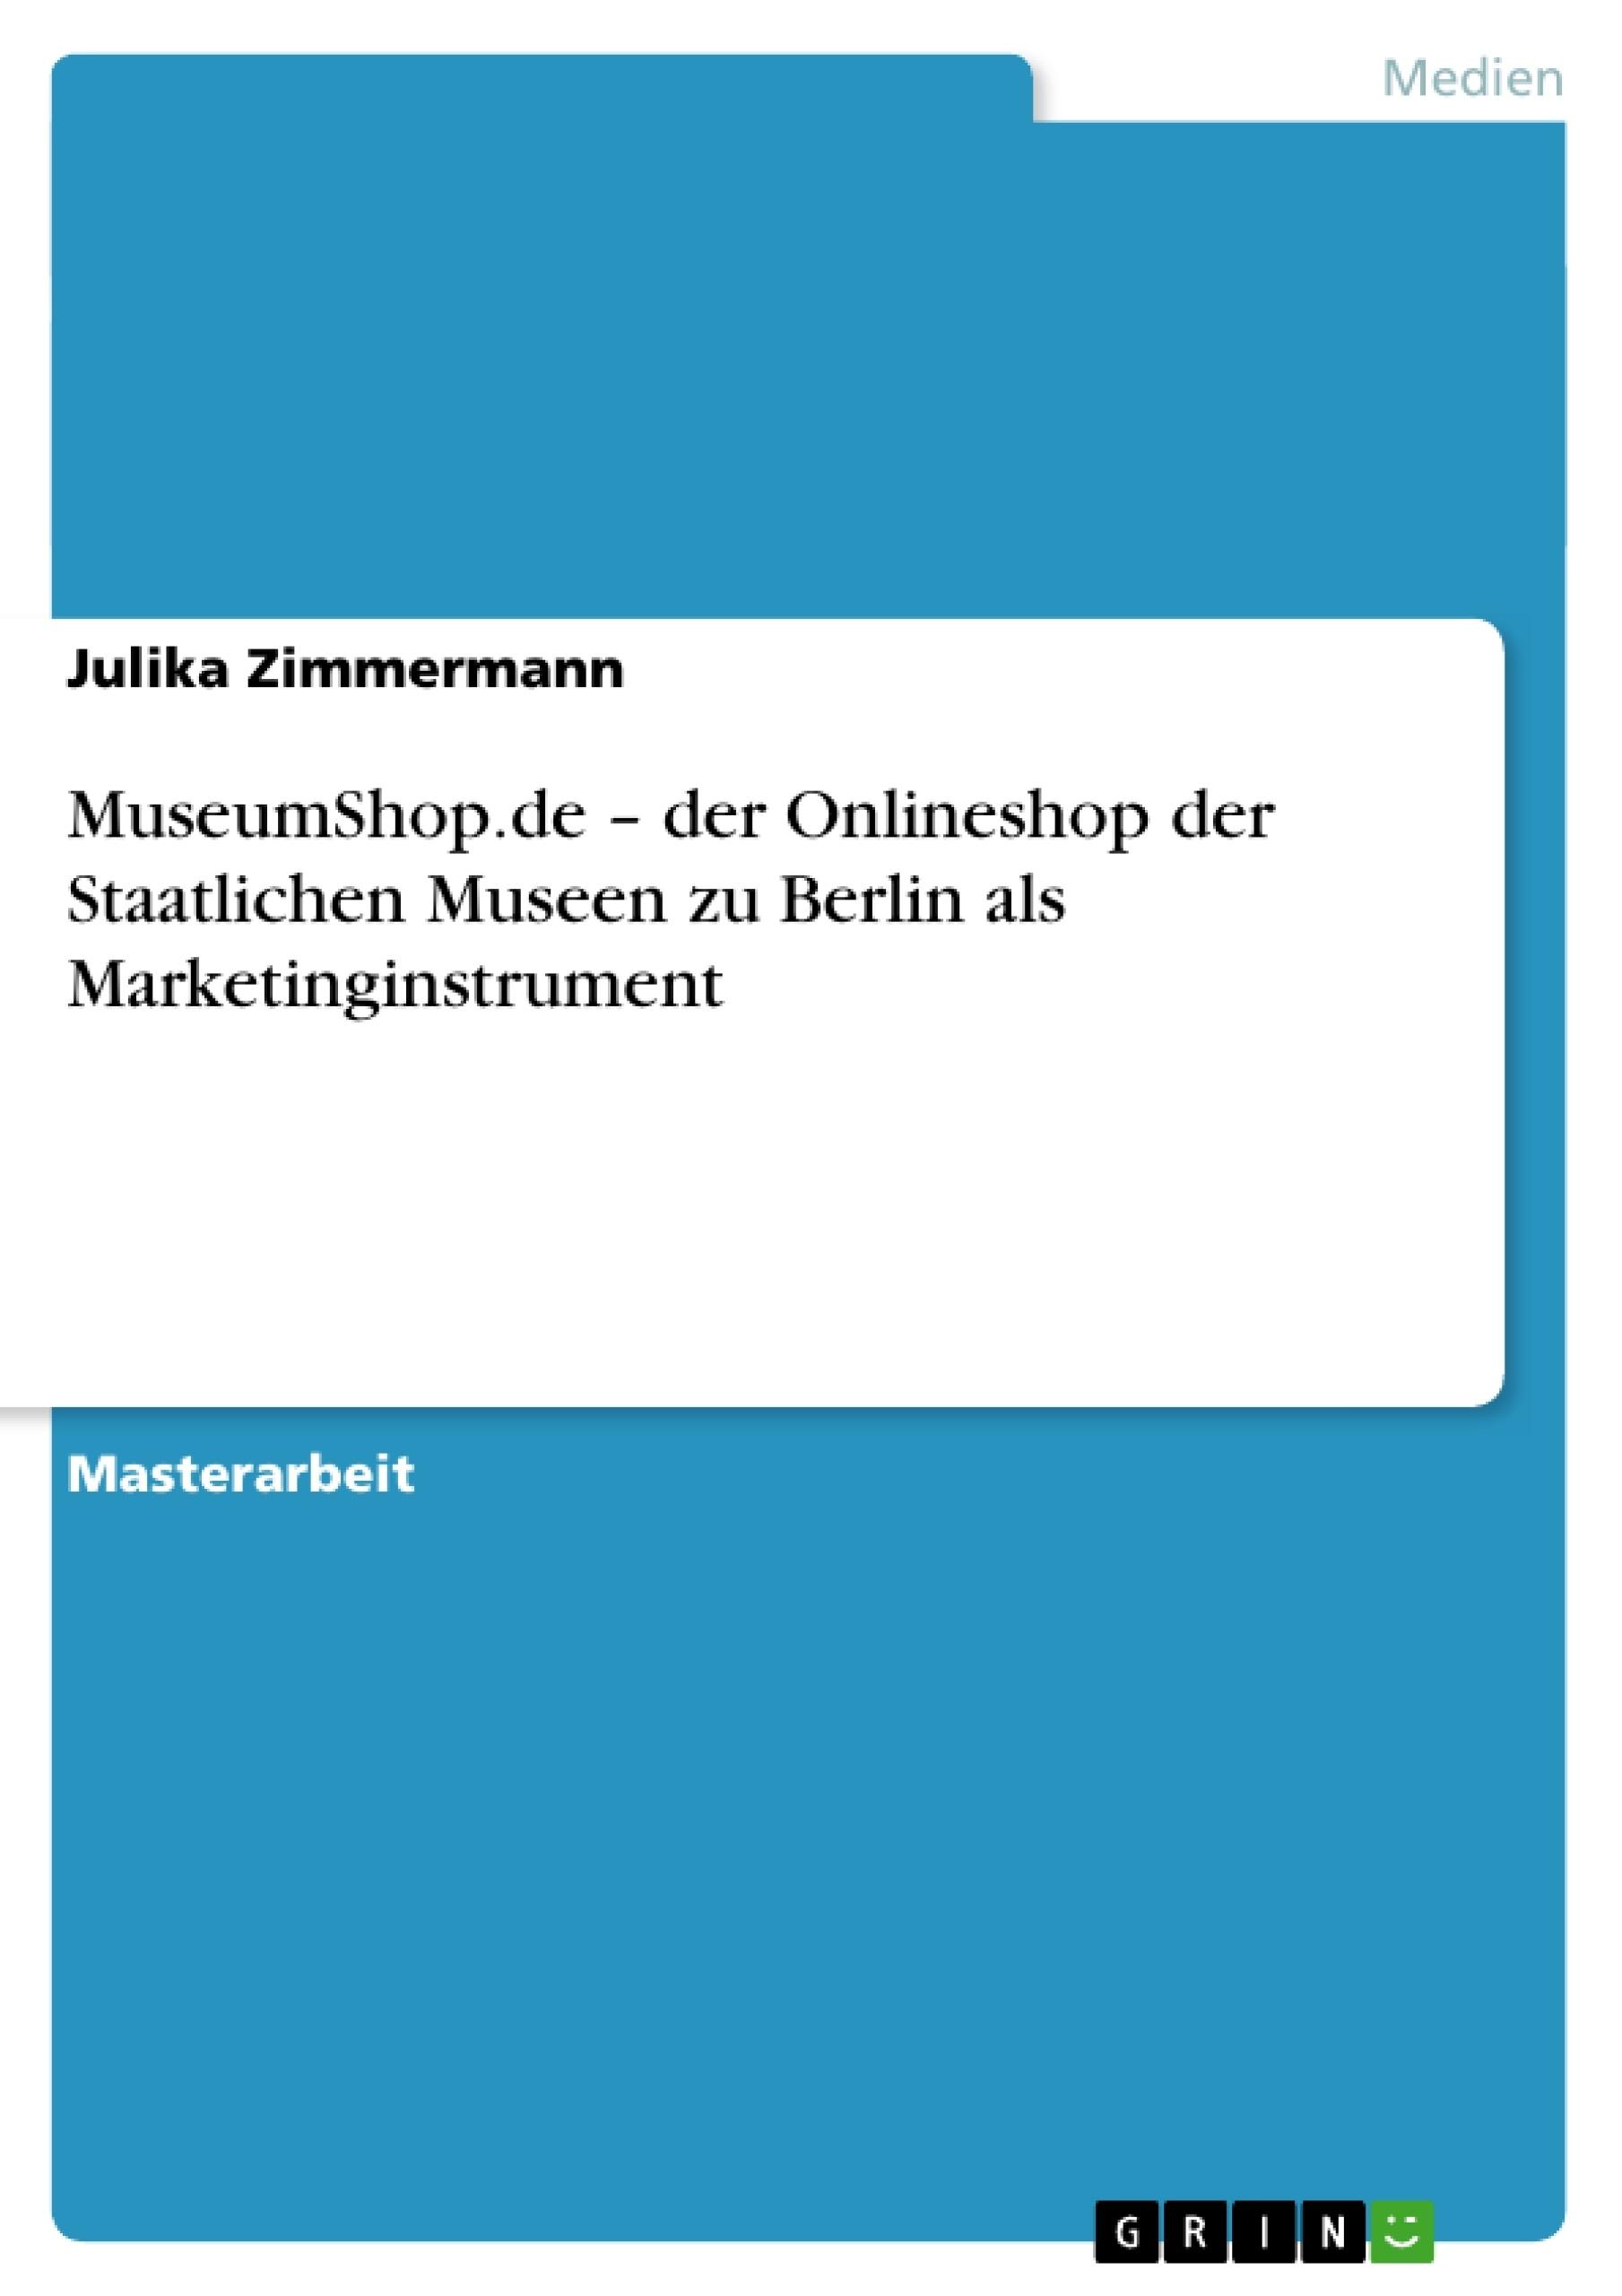 Titel: MuseumShop.de – der Onlineshop der Staatlichen Museen zu Berlin als Marketinginstrument